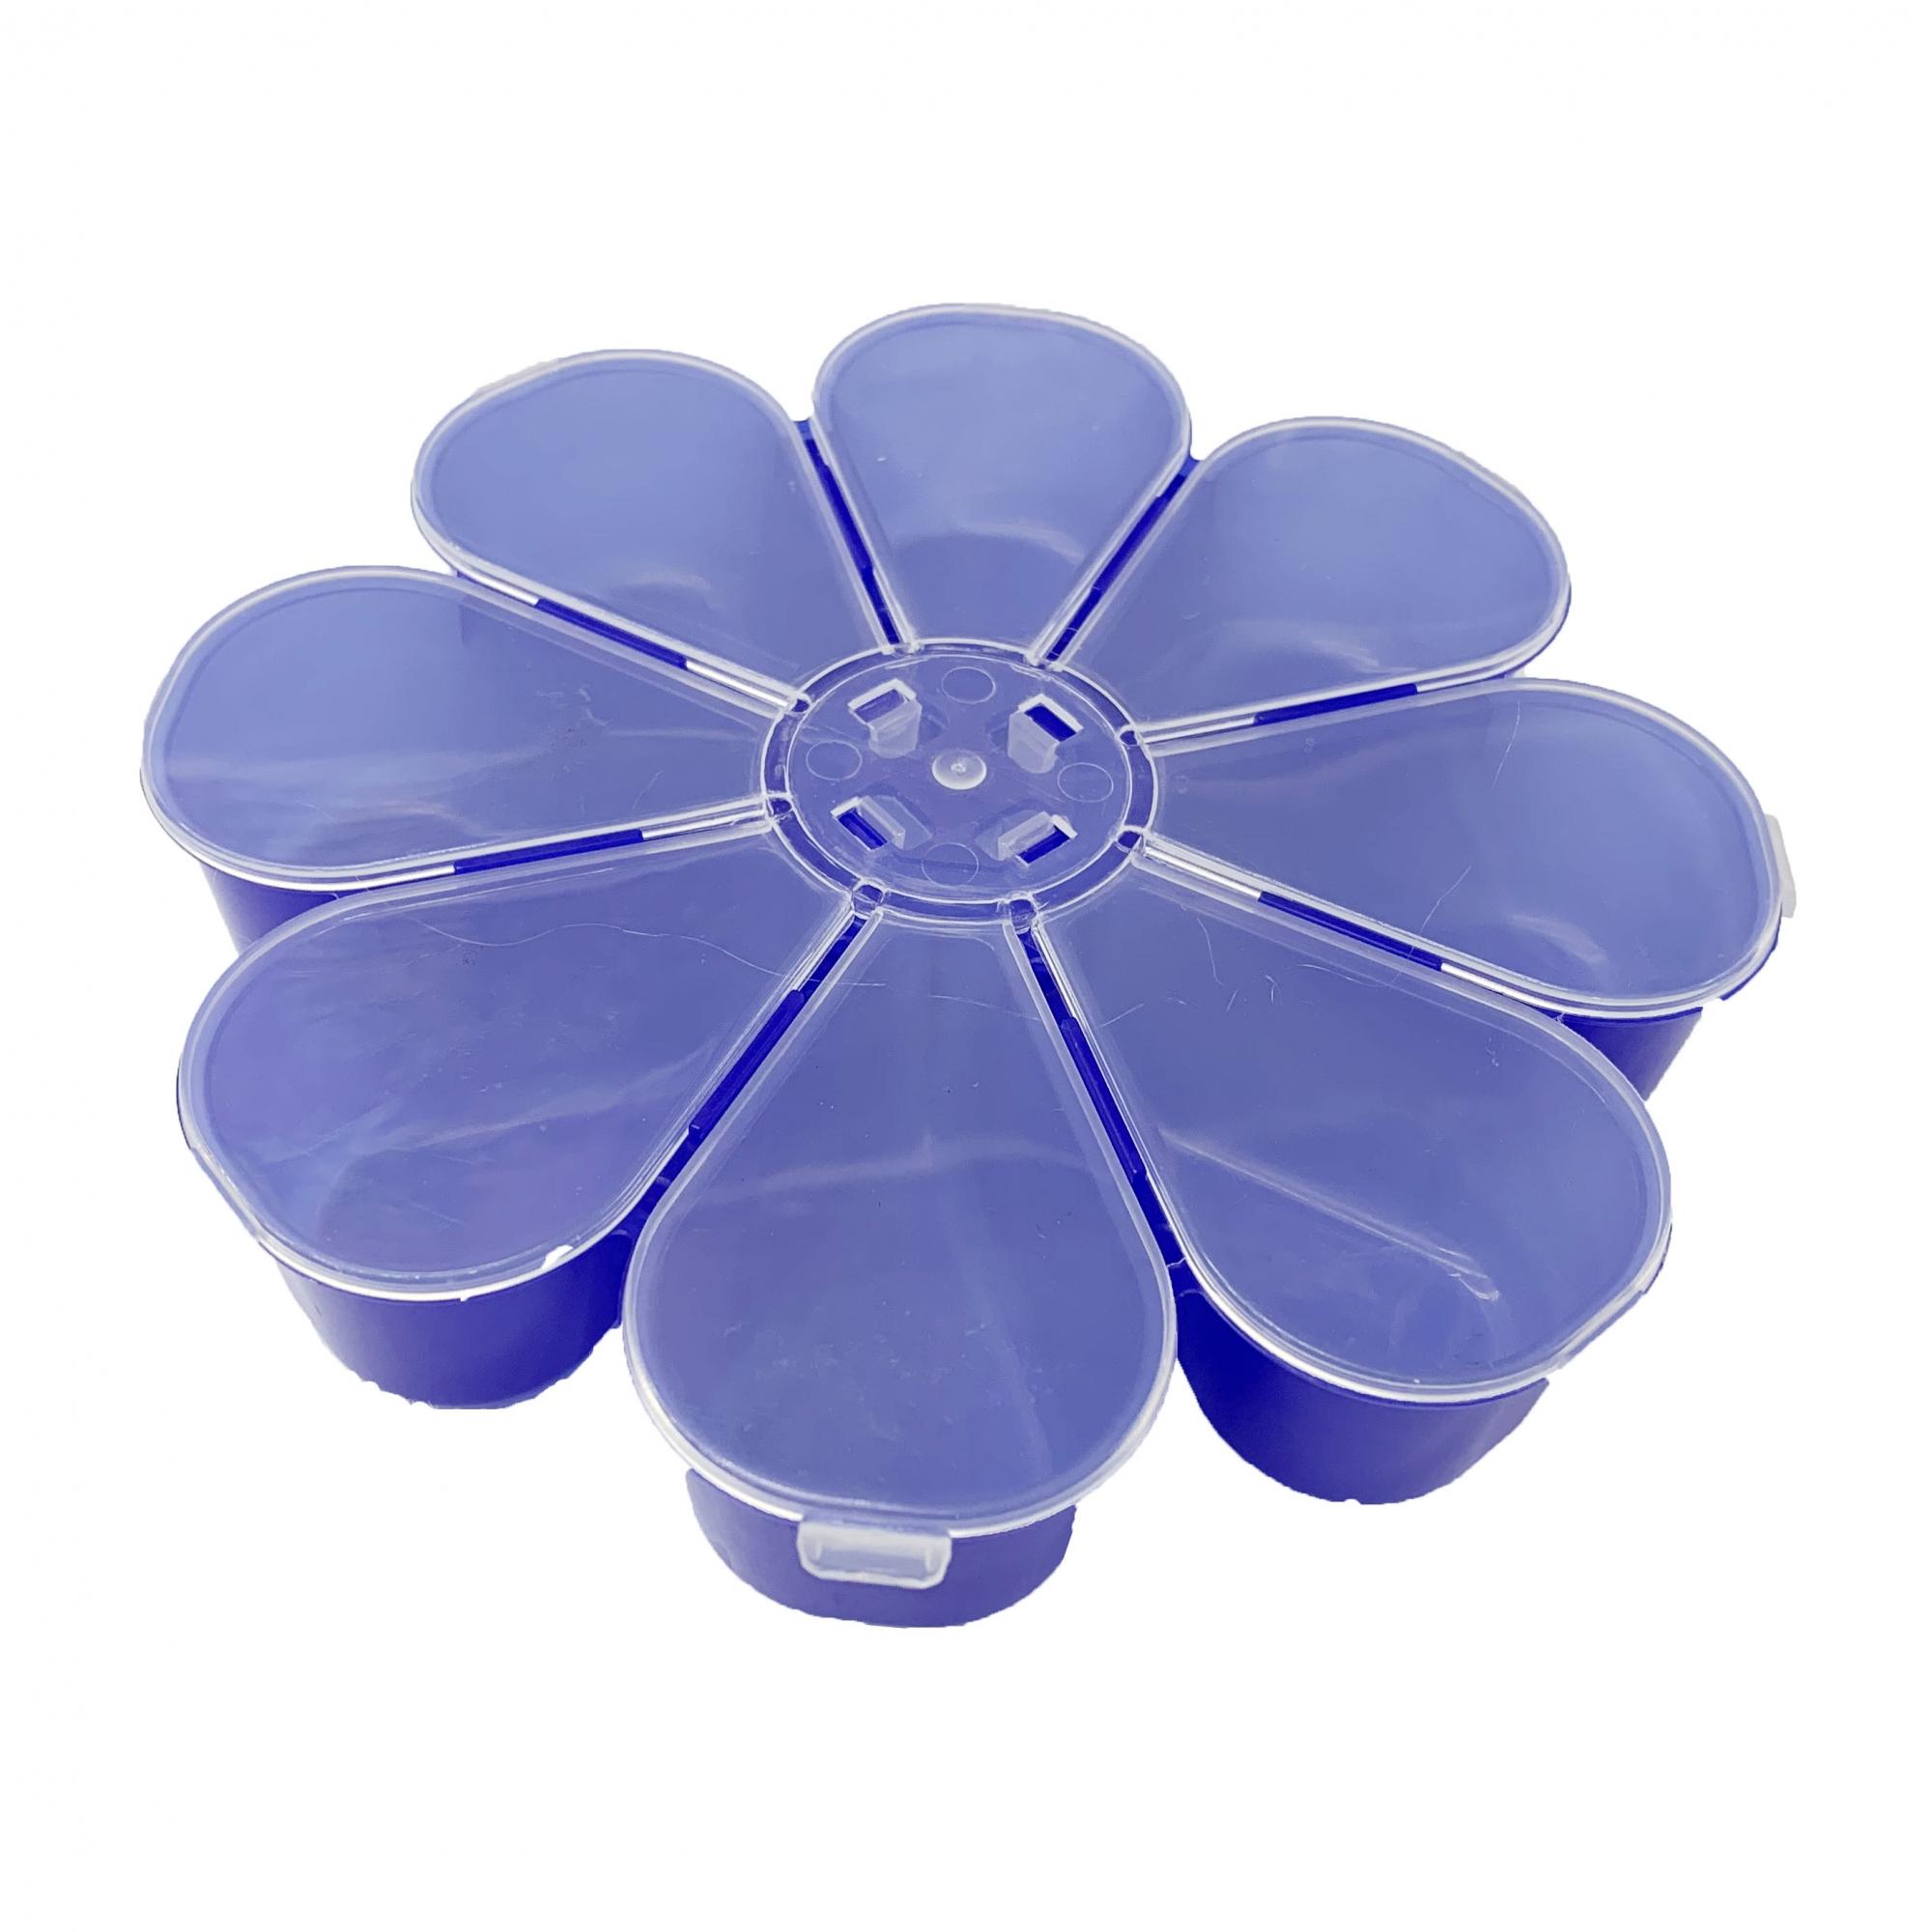 Caixa Organizadora Flor - Transparente e Azul  - Universo Religioso® - Artigos de Umbanda e Candomblé